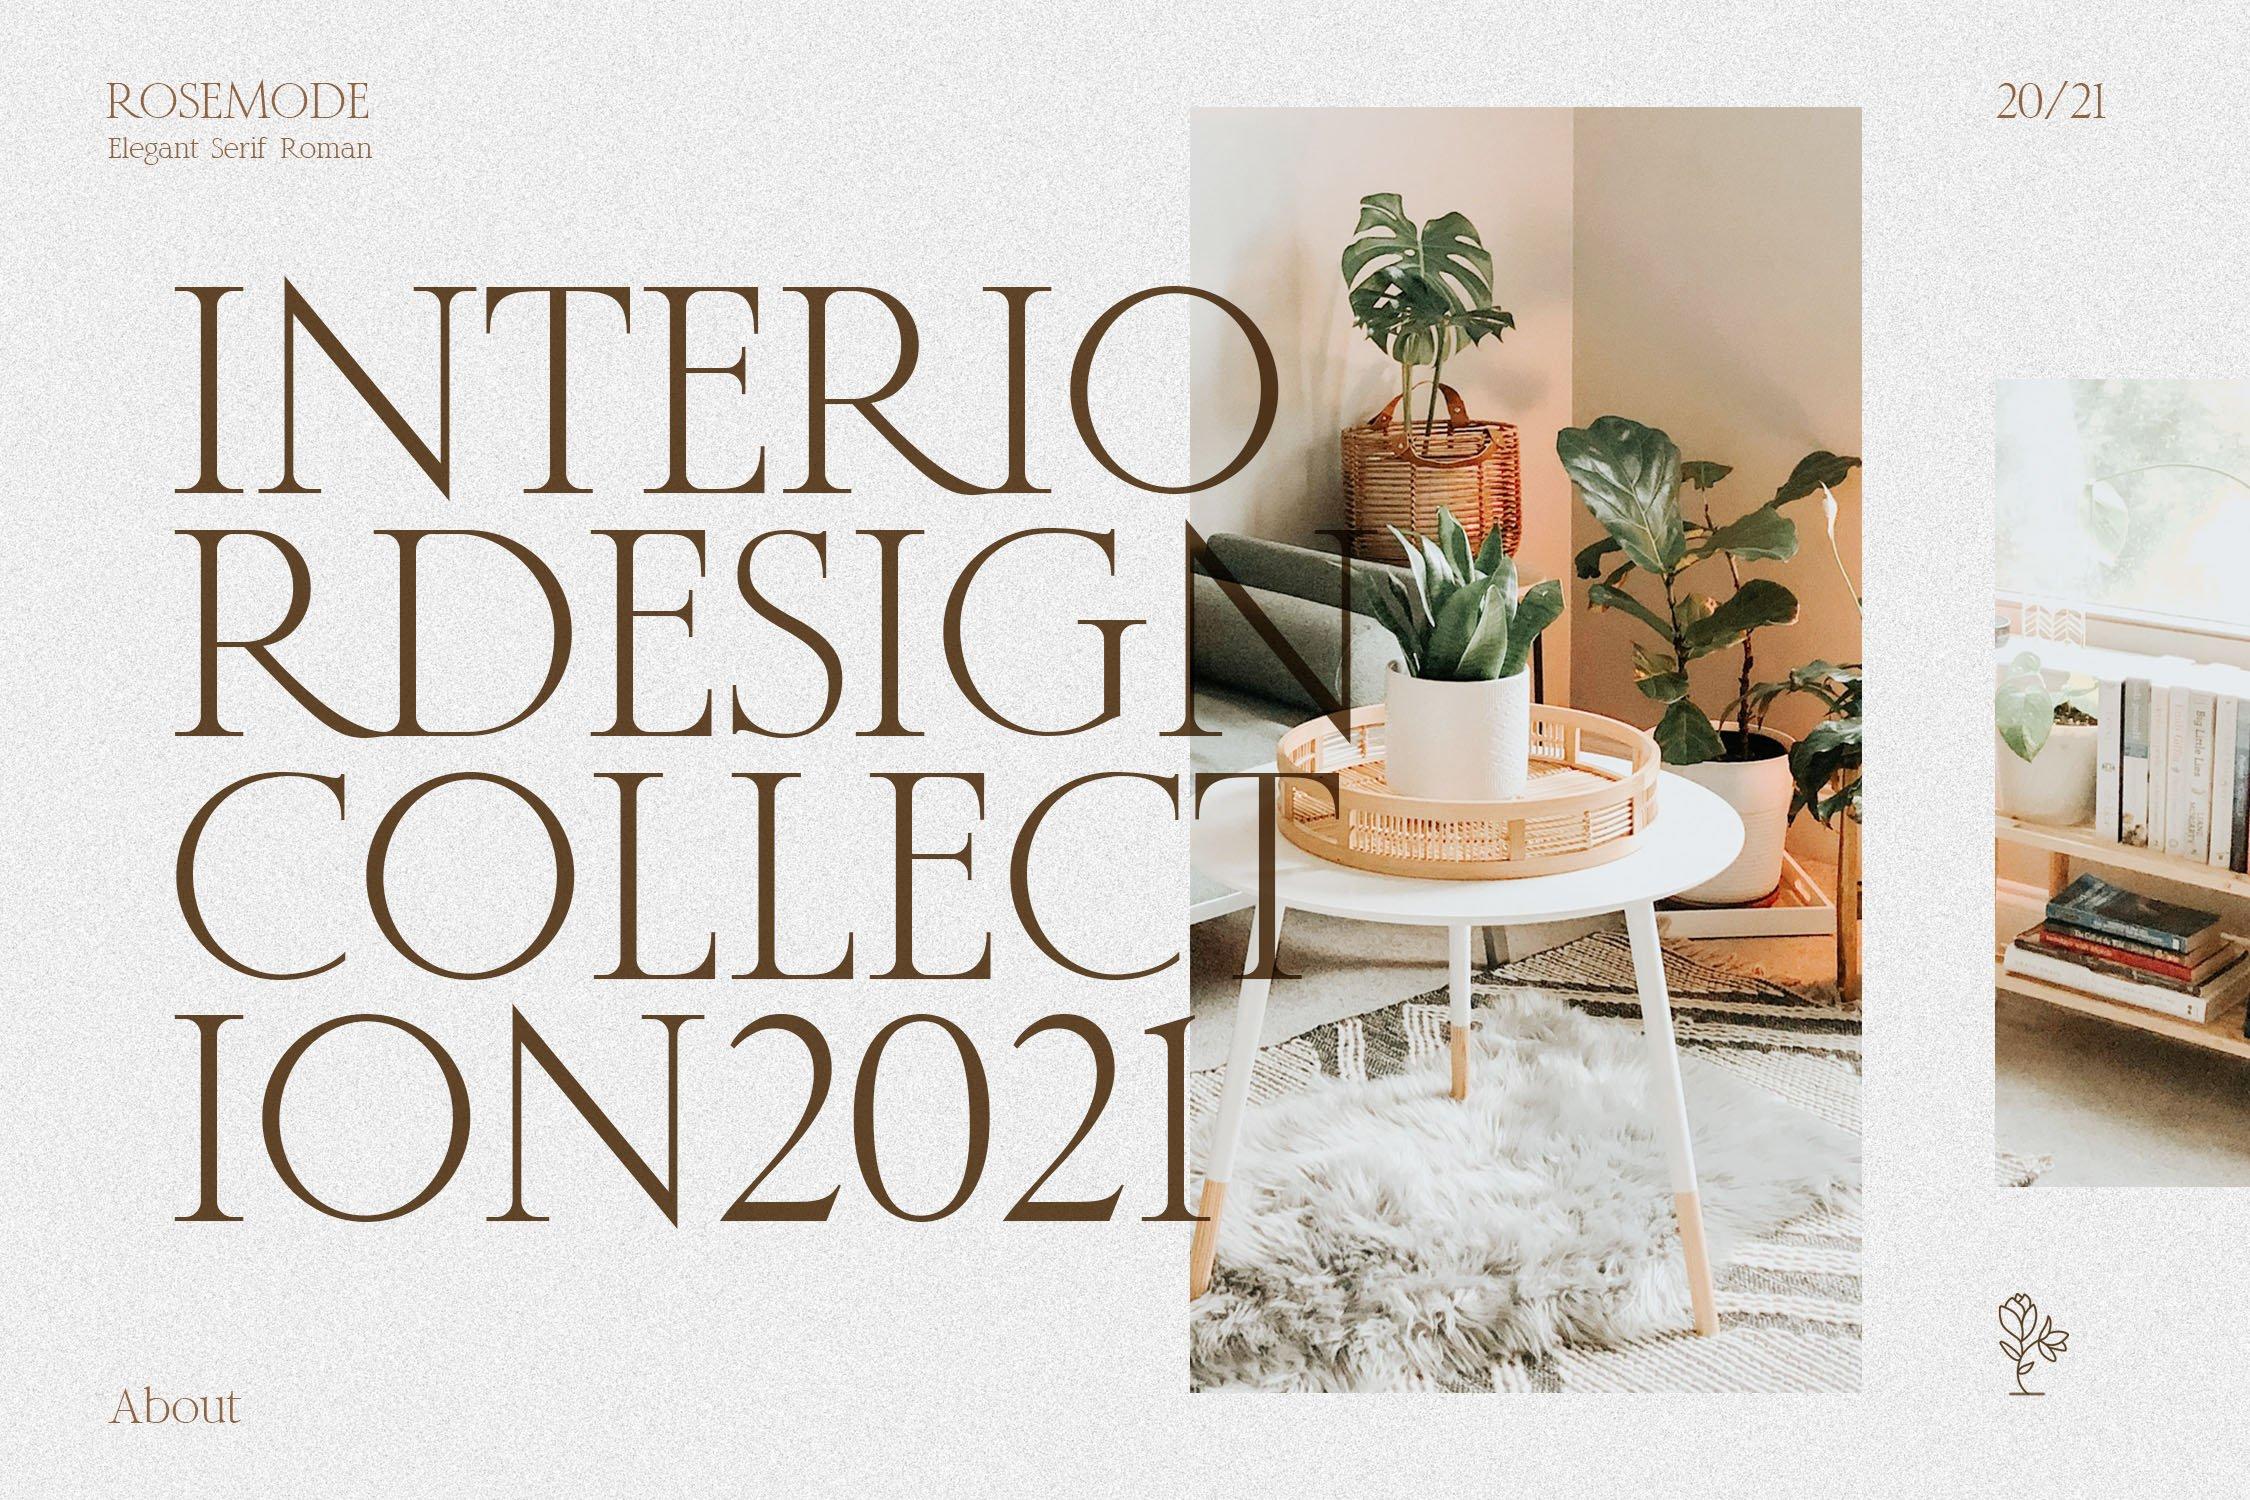 优雅经典杂志海报标题Logo设计衬线英文字体素材 Rosemode Font插图8